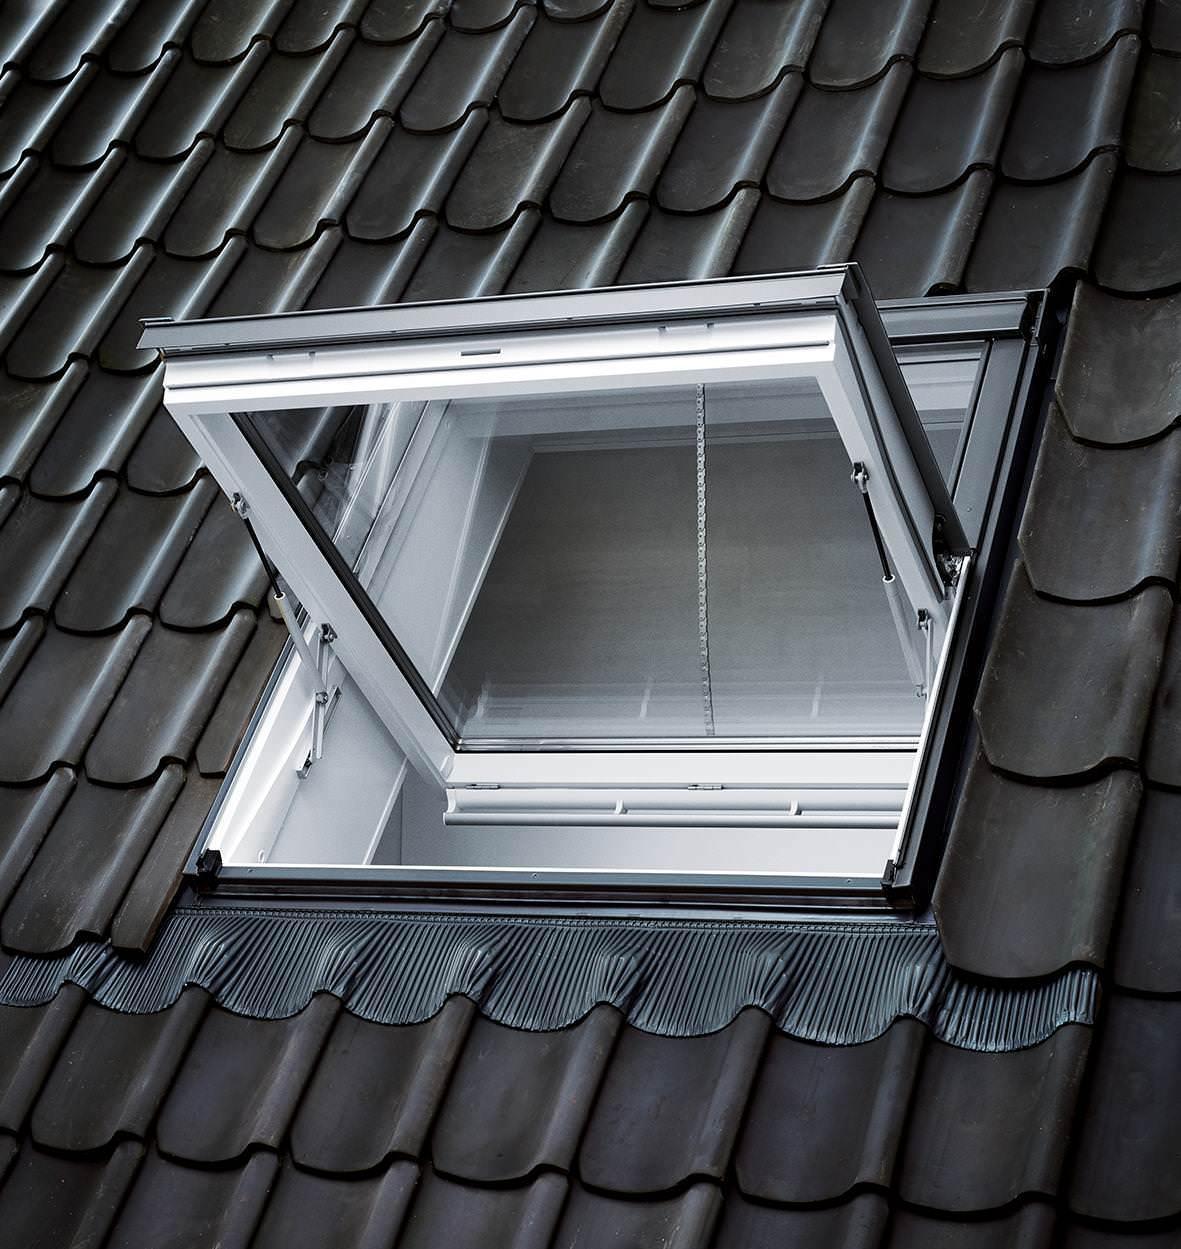 Full Size of Velux Fenster Preise Einbau Angebote Hornbach Dachfenster Preisliste 2019 Mit Veludachfenster Ggu 007040 Kunststoff Rauchabzugsfenster Thermo Ebay Rollos Fenster Velux Fenster Preise